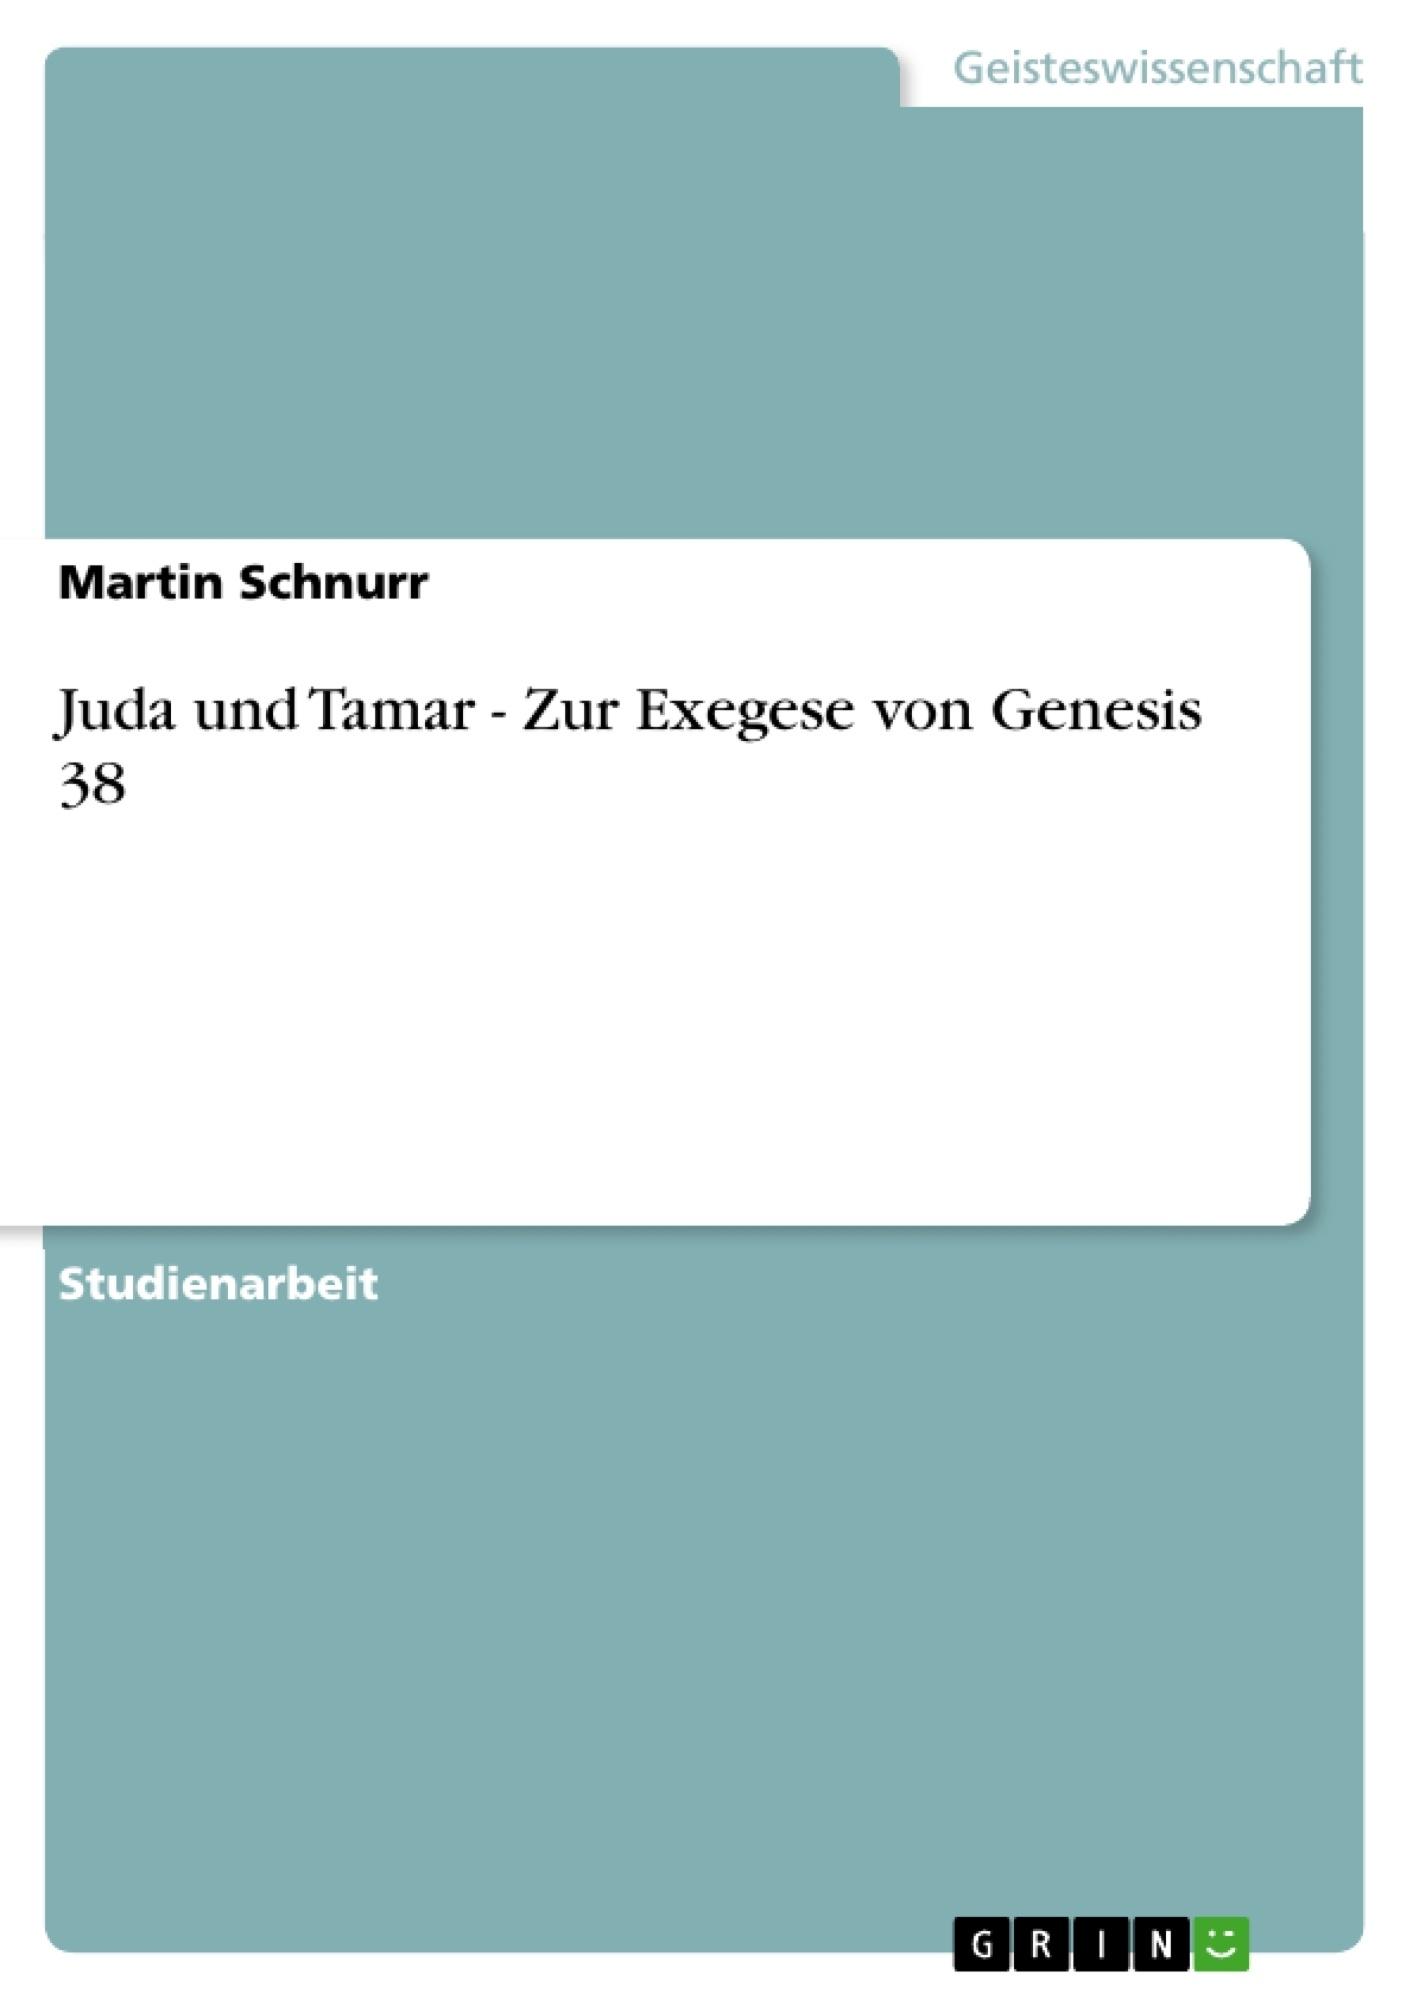 Titel: Juda und Tamar - Zur Exegese von Genesis 38